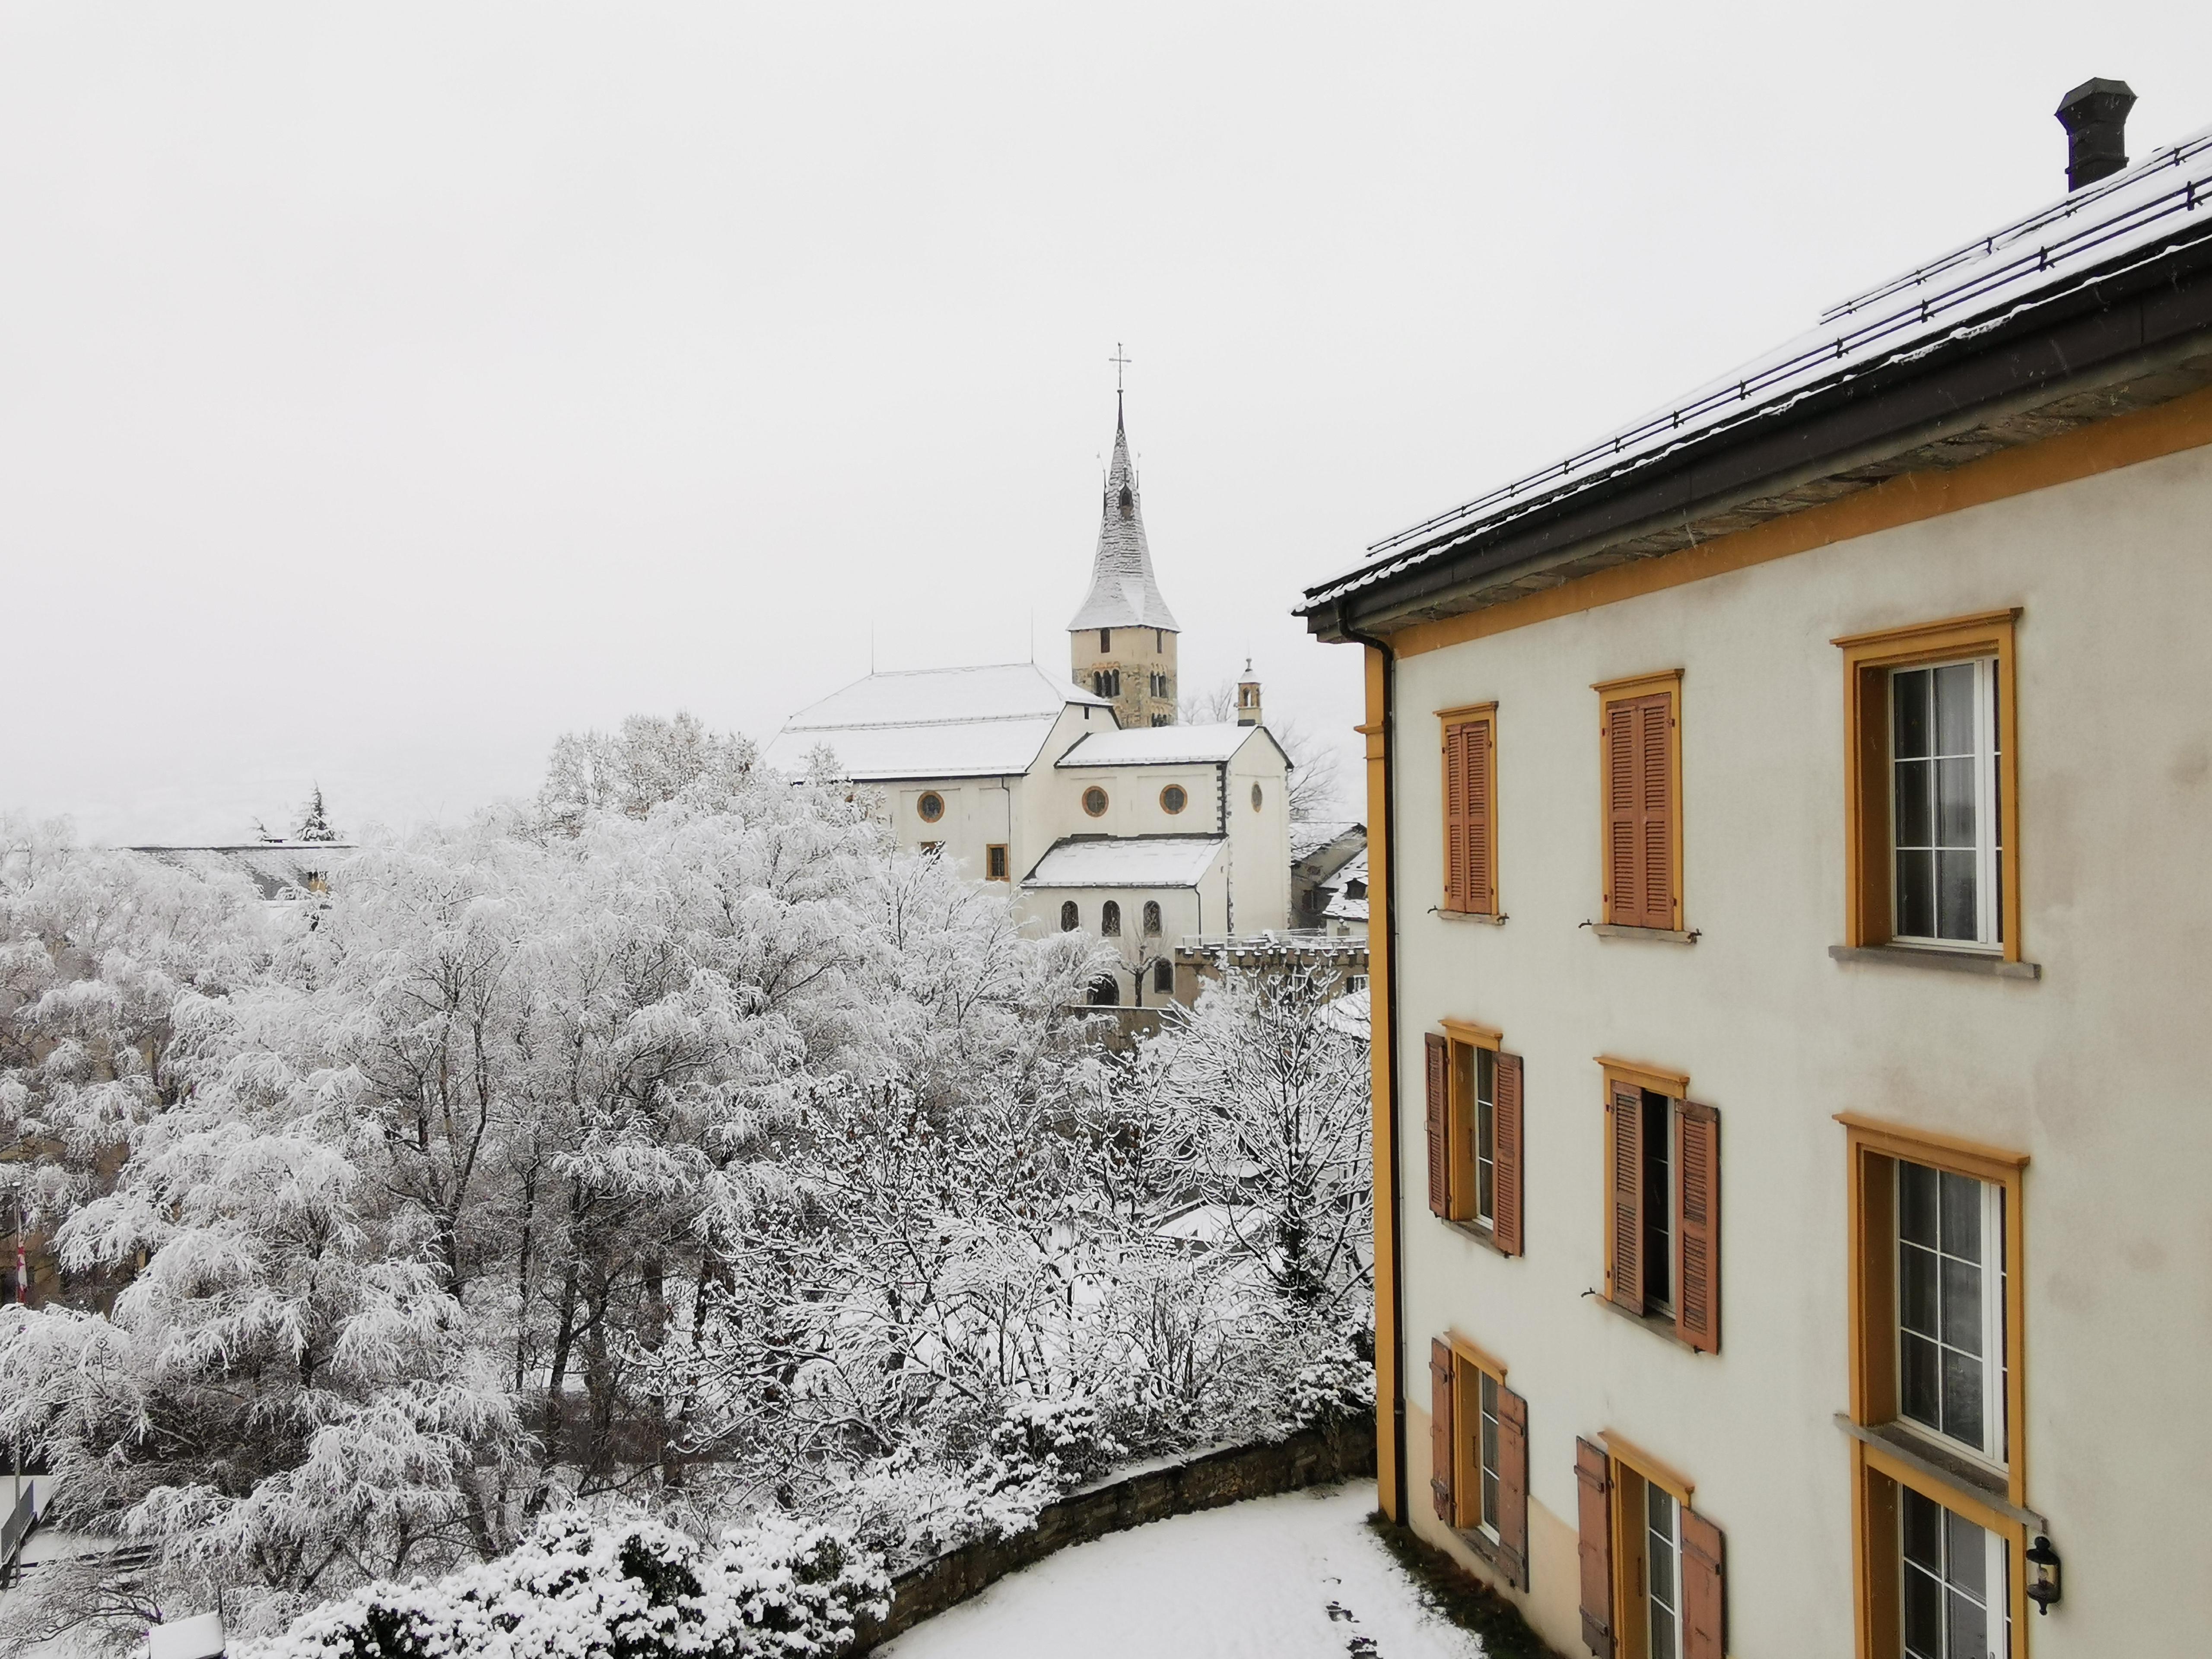 Pfarrhaus, im Hintergrund Dreikönigskirche